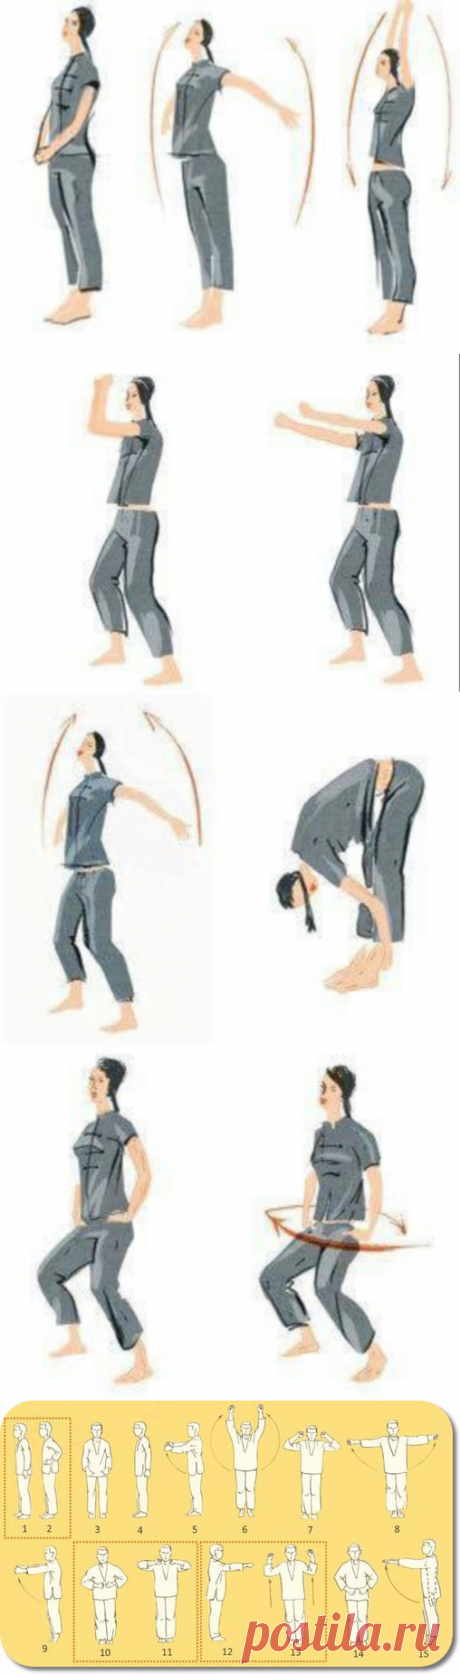 Фитнес: Дыхательная Гимнастика Цигун Во время занятий гимнастикой цигун необходимо внимательно следить, правильно ли вы дышите.